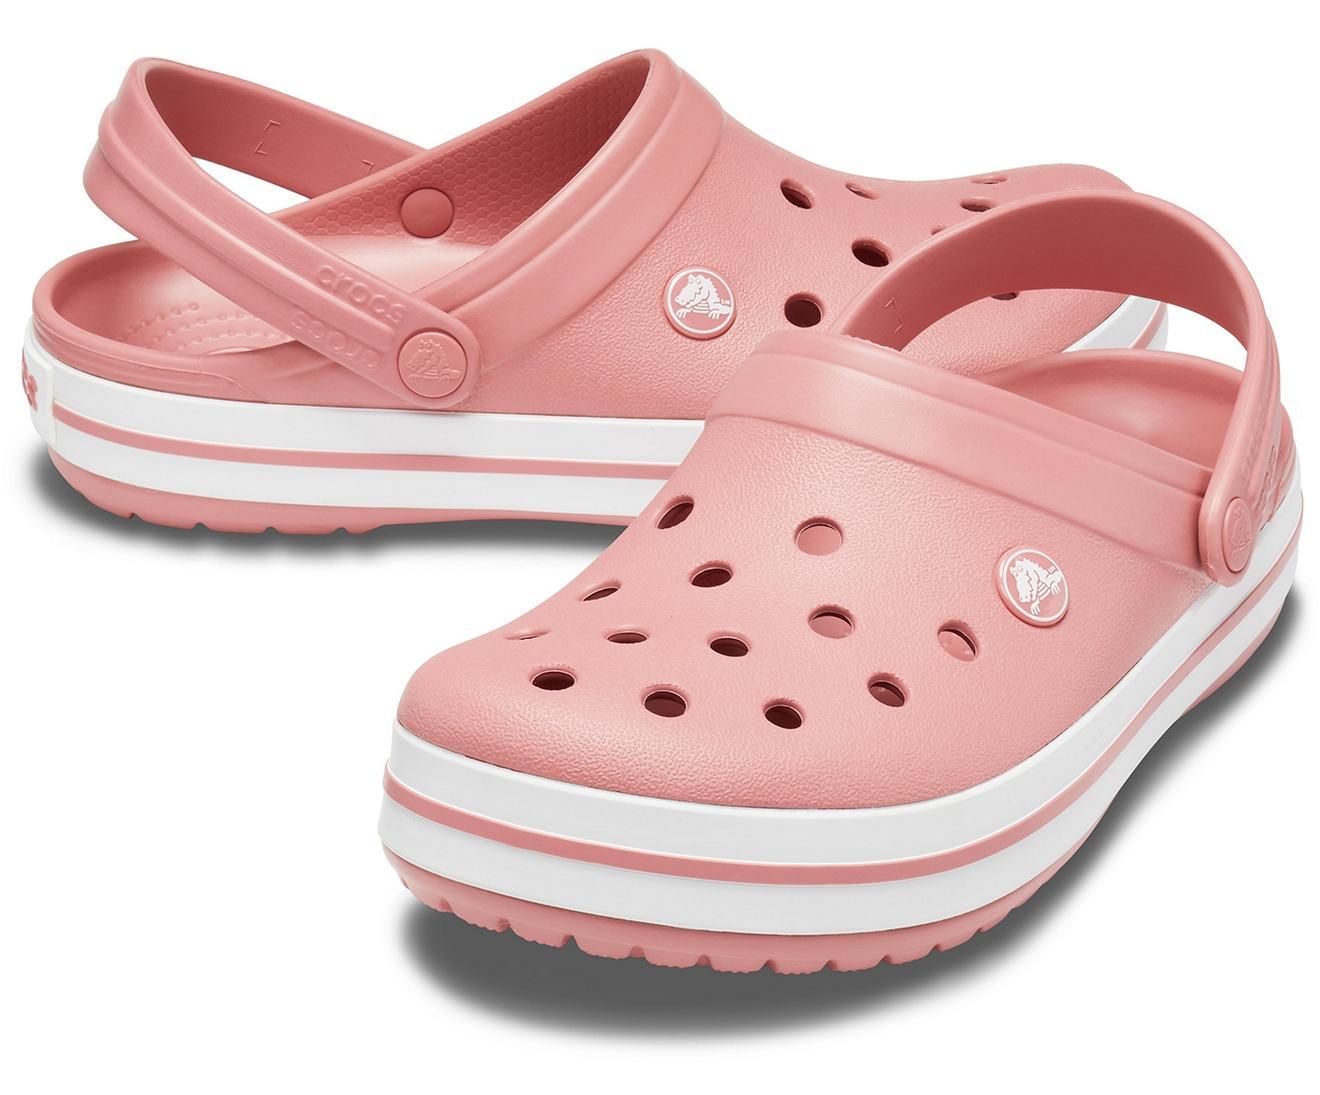 Crocs™ Blossom / White Crocband Clog